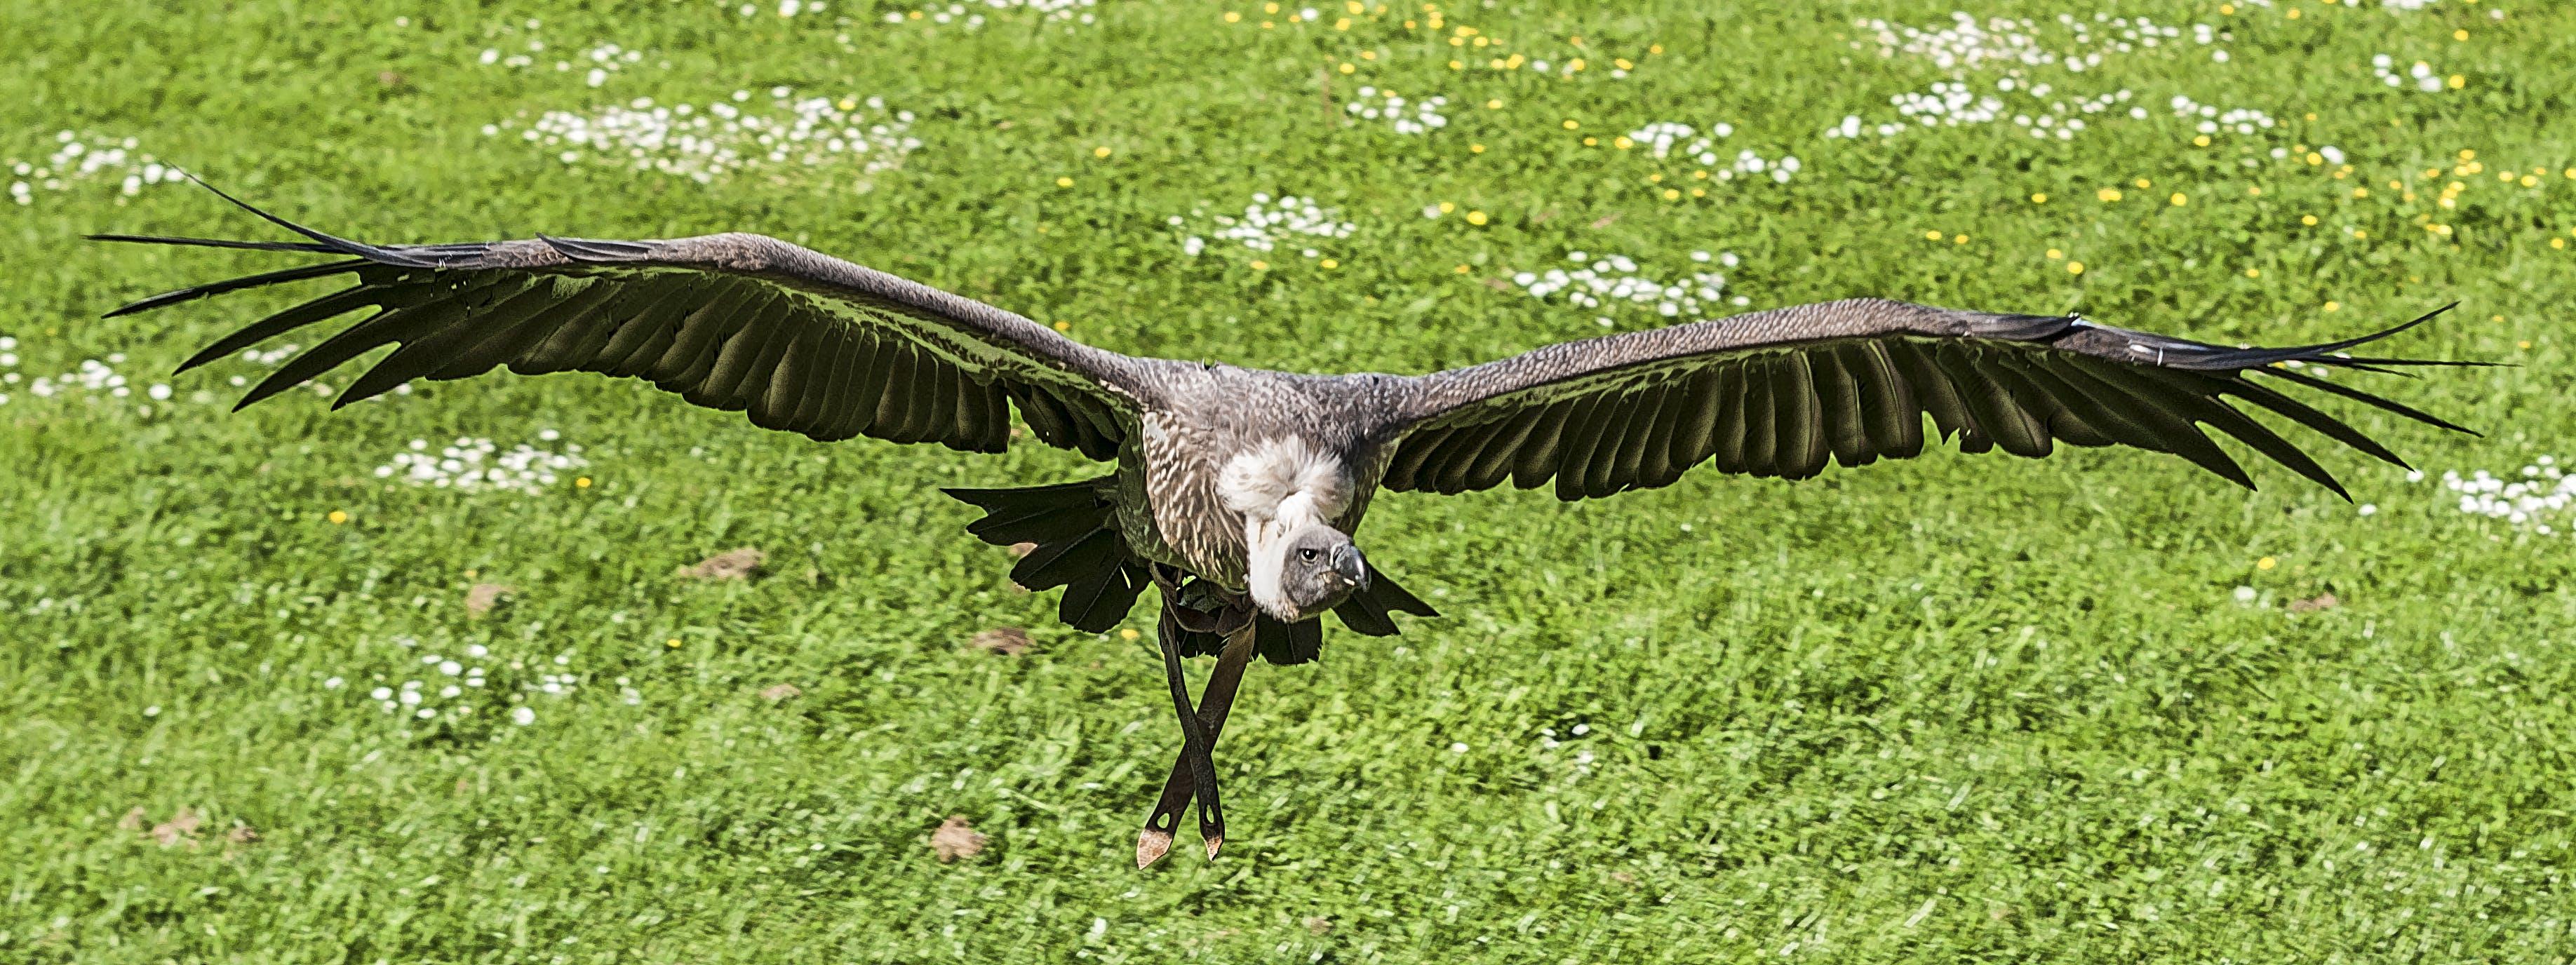 Δωρεάν στοκ φωτογραφιών με άγρια φύση, άγριος, αρπακτικό πουλί, γκρο πλαν